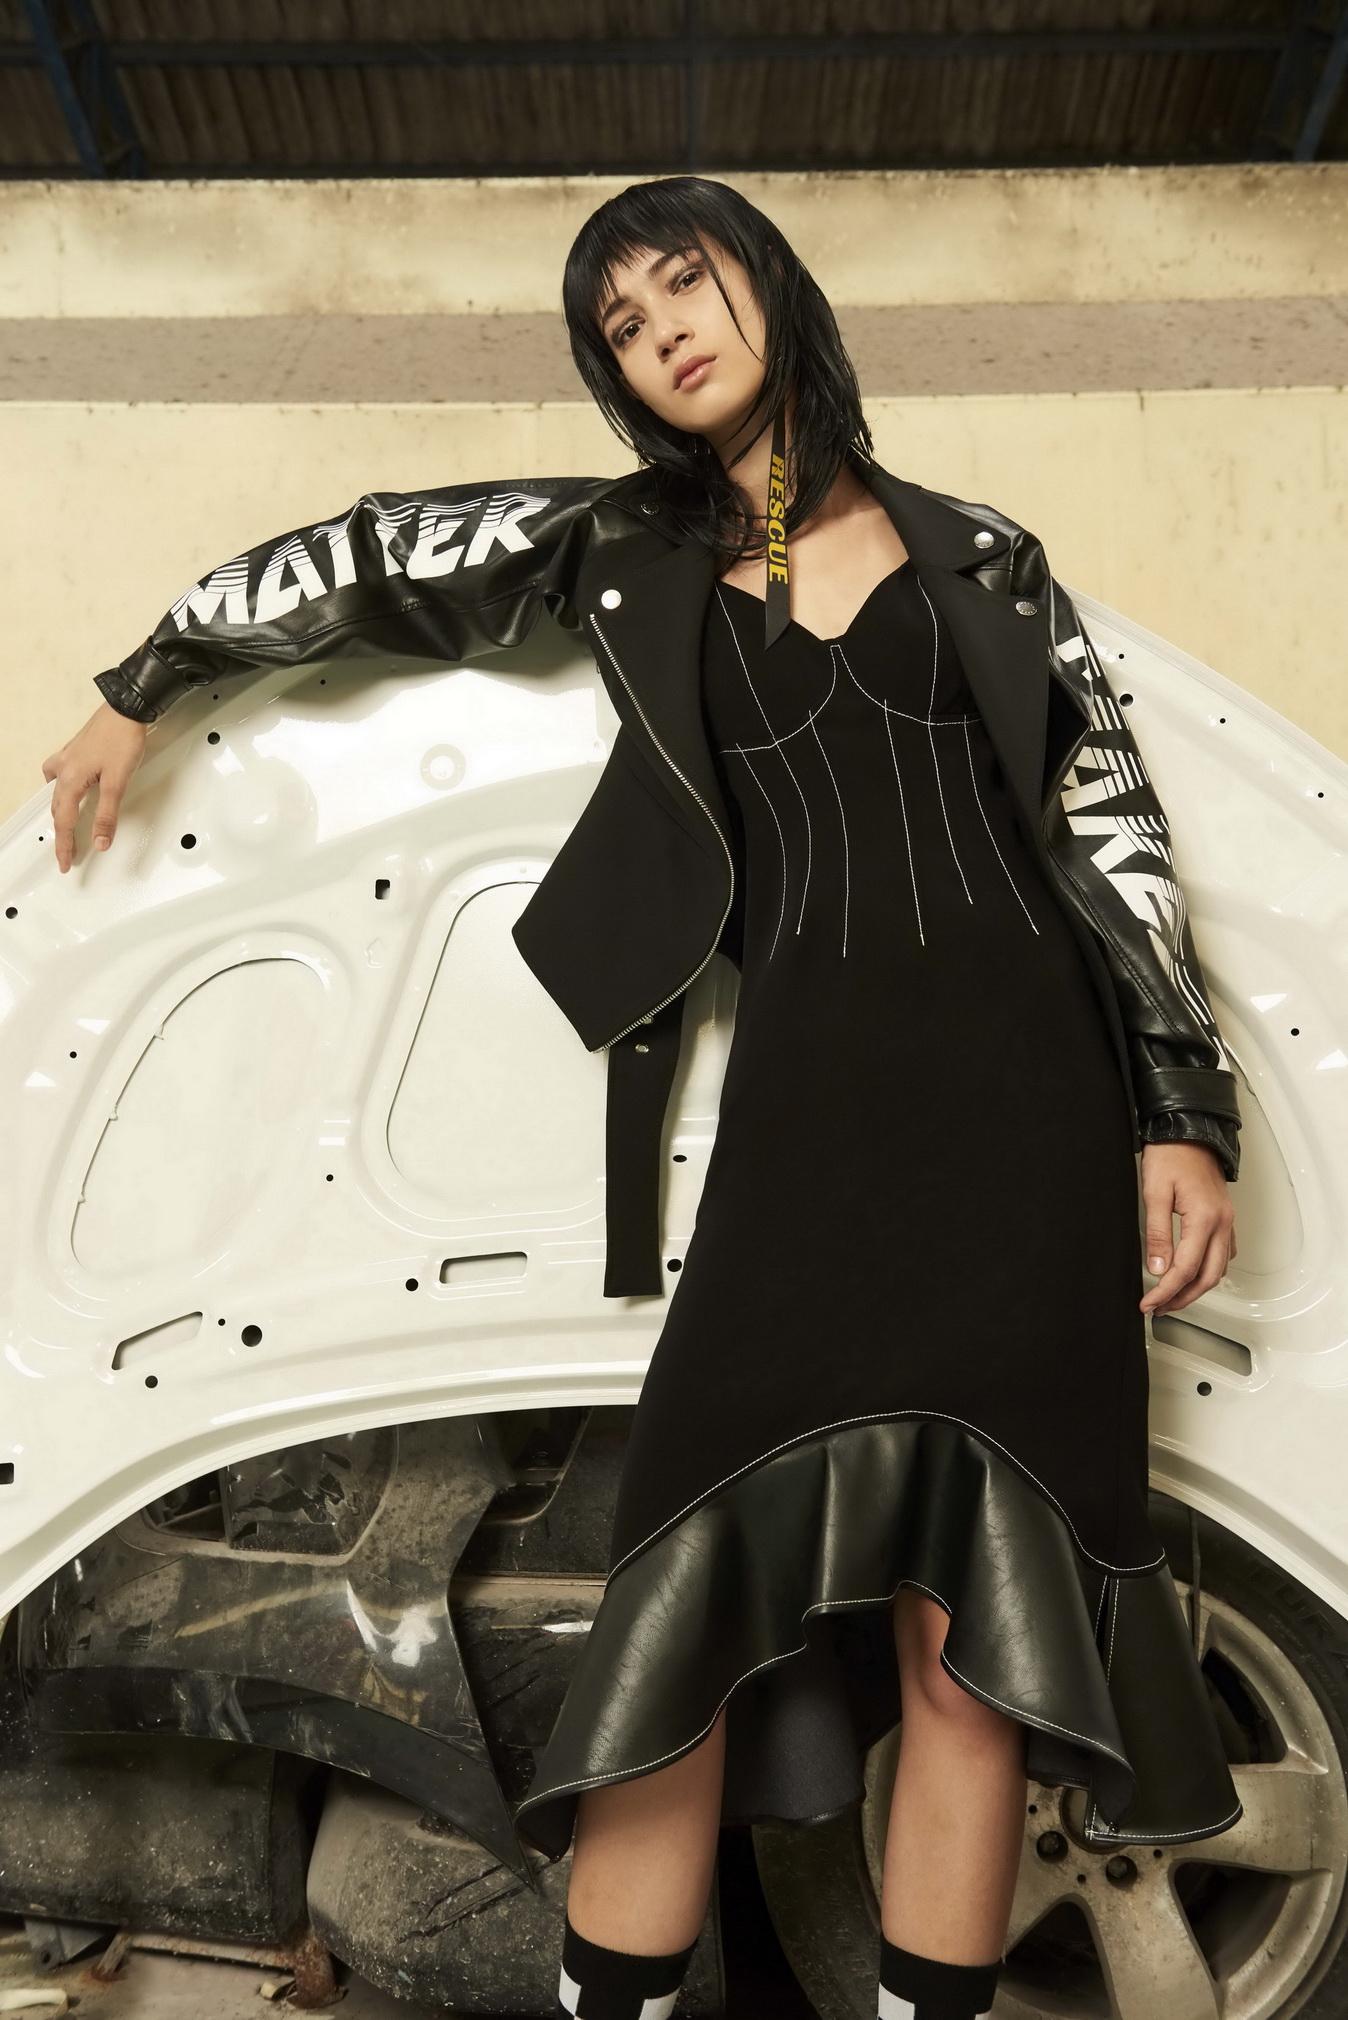 แฟชั่นสุดกวน โดนใจสายสตรีท matter makers คอลเลกชั่นใหม่ 'David The Racer'